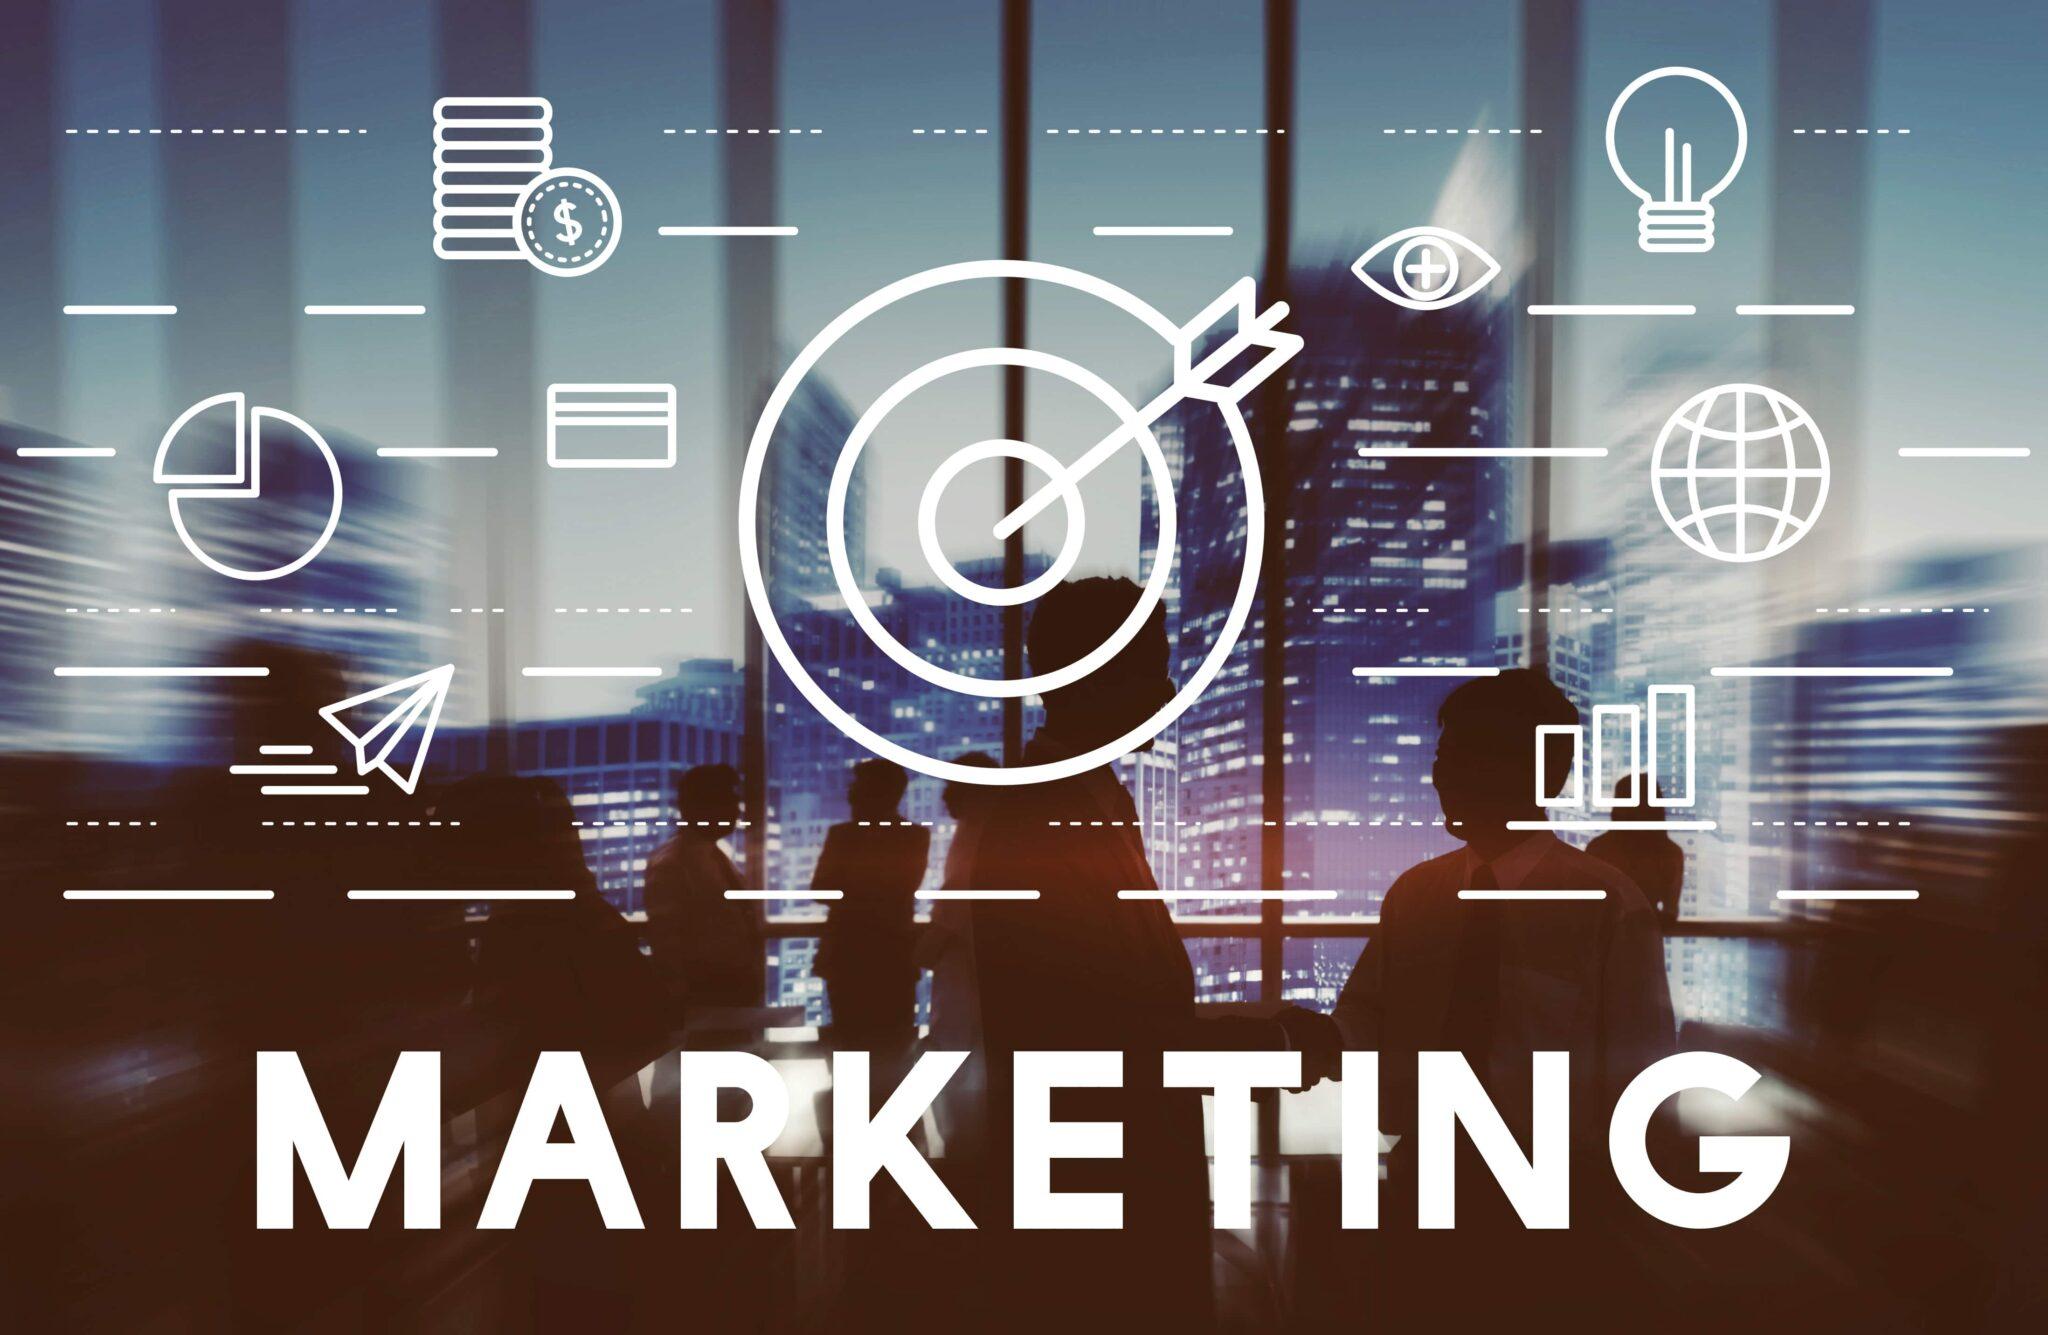 [PARTAGE D'EXPÉ] Comment optimiser sa stratégie Marketing BtoB? 4 méthodes utilisées par les startups du Tarmac